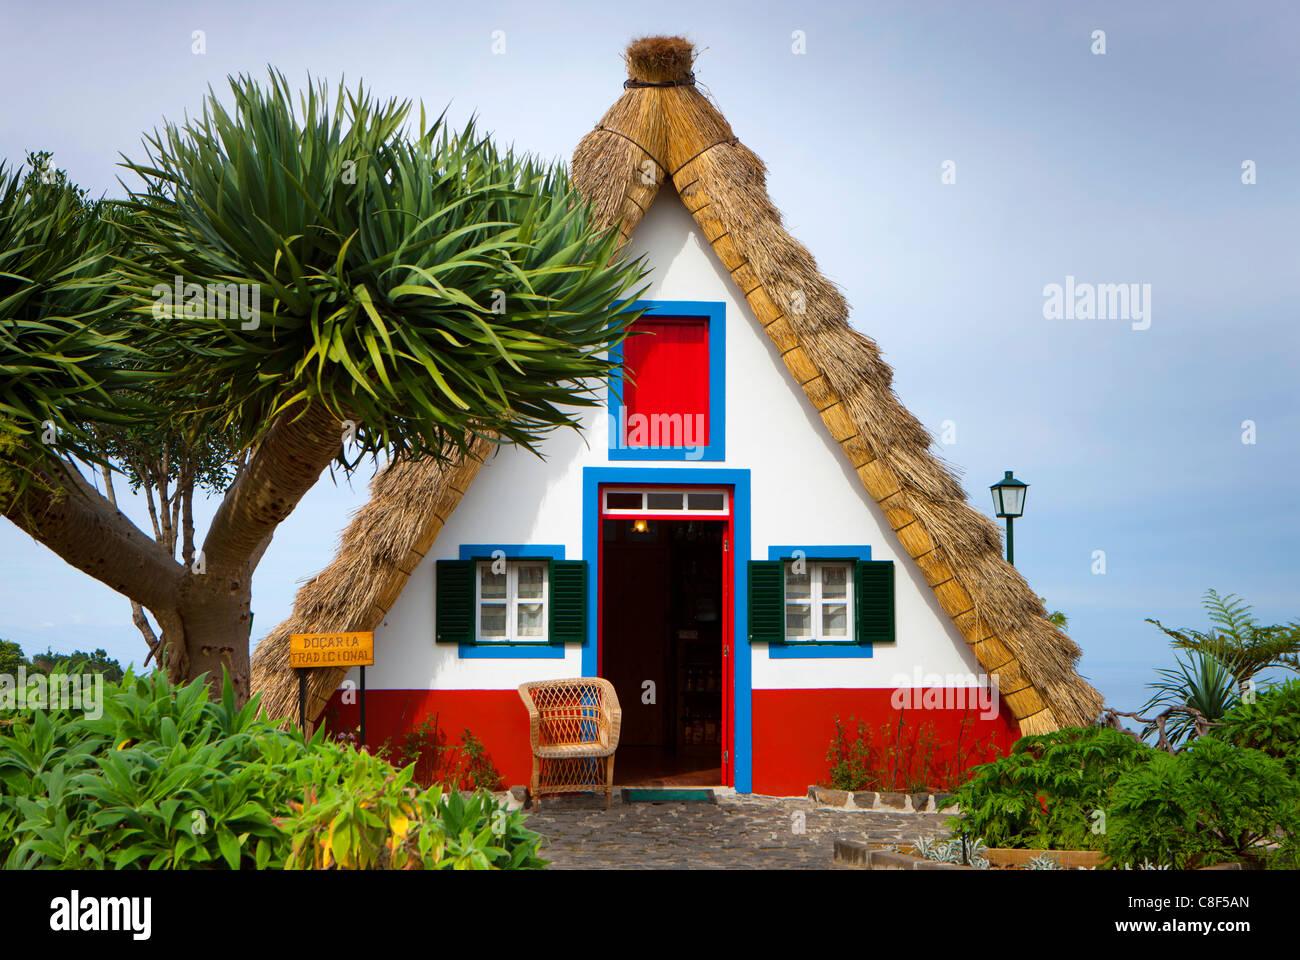 Santana portugal europe madeira casas de colmo straw - Casas de madera portugal ...